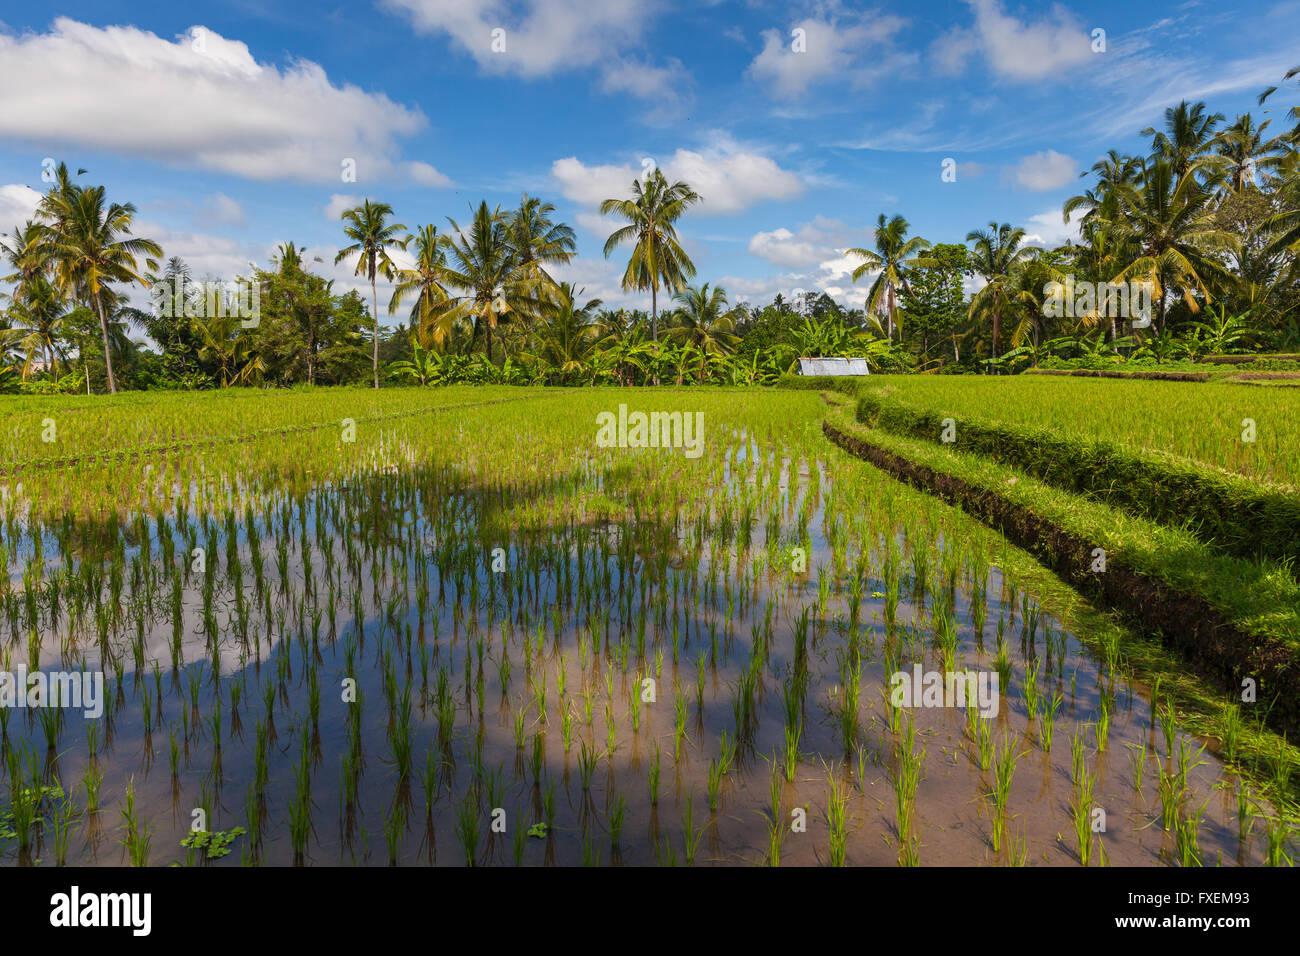 Paysages de jour des rizières à Ubud, Bali, Indonésie. Photo Stock